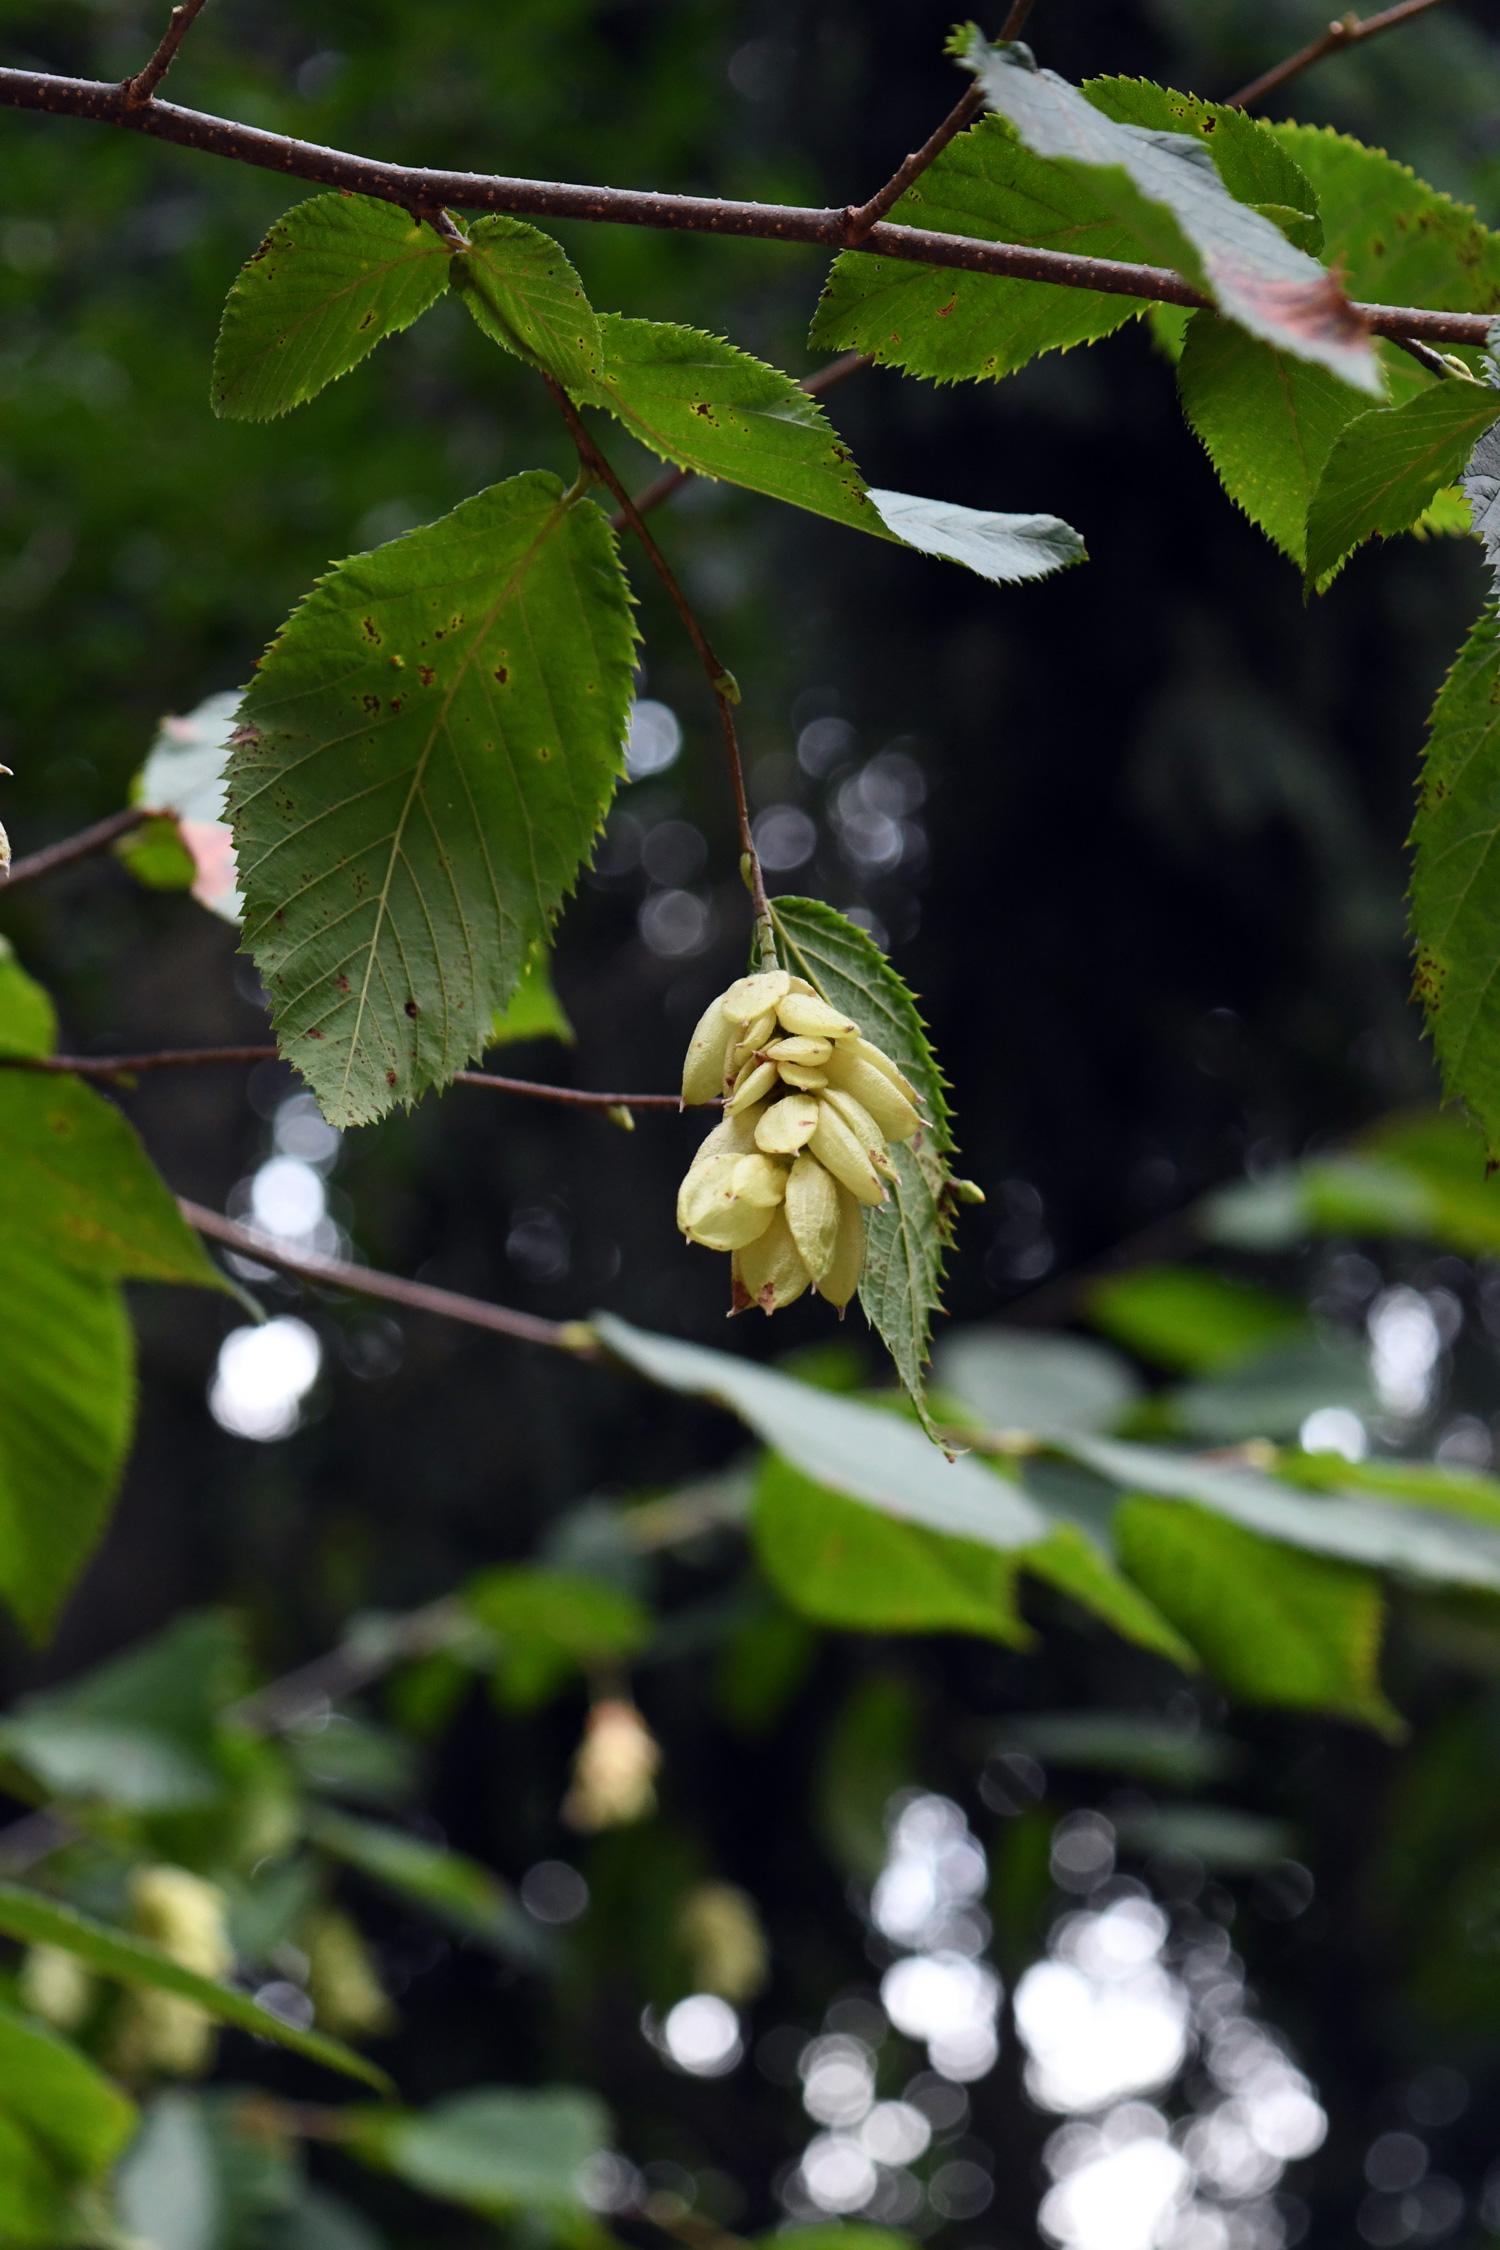 Seed pods, Eastern hophornbeam, Prospect Park